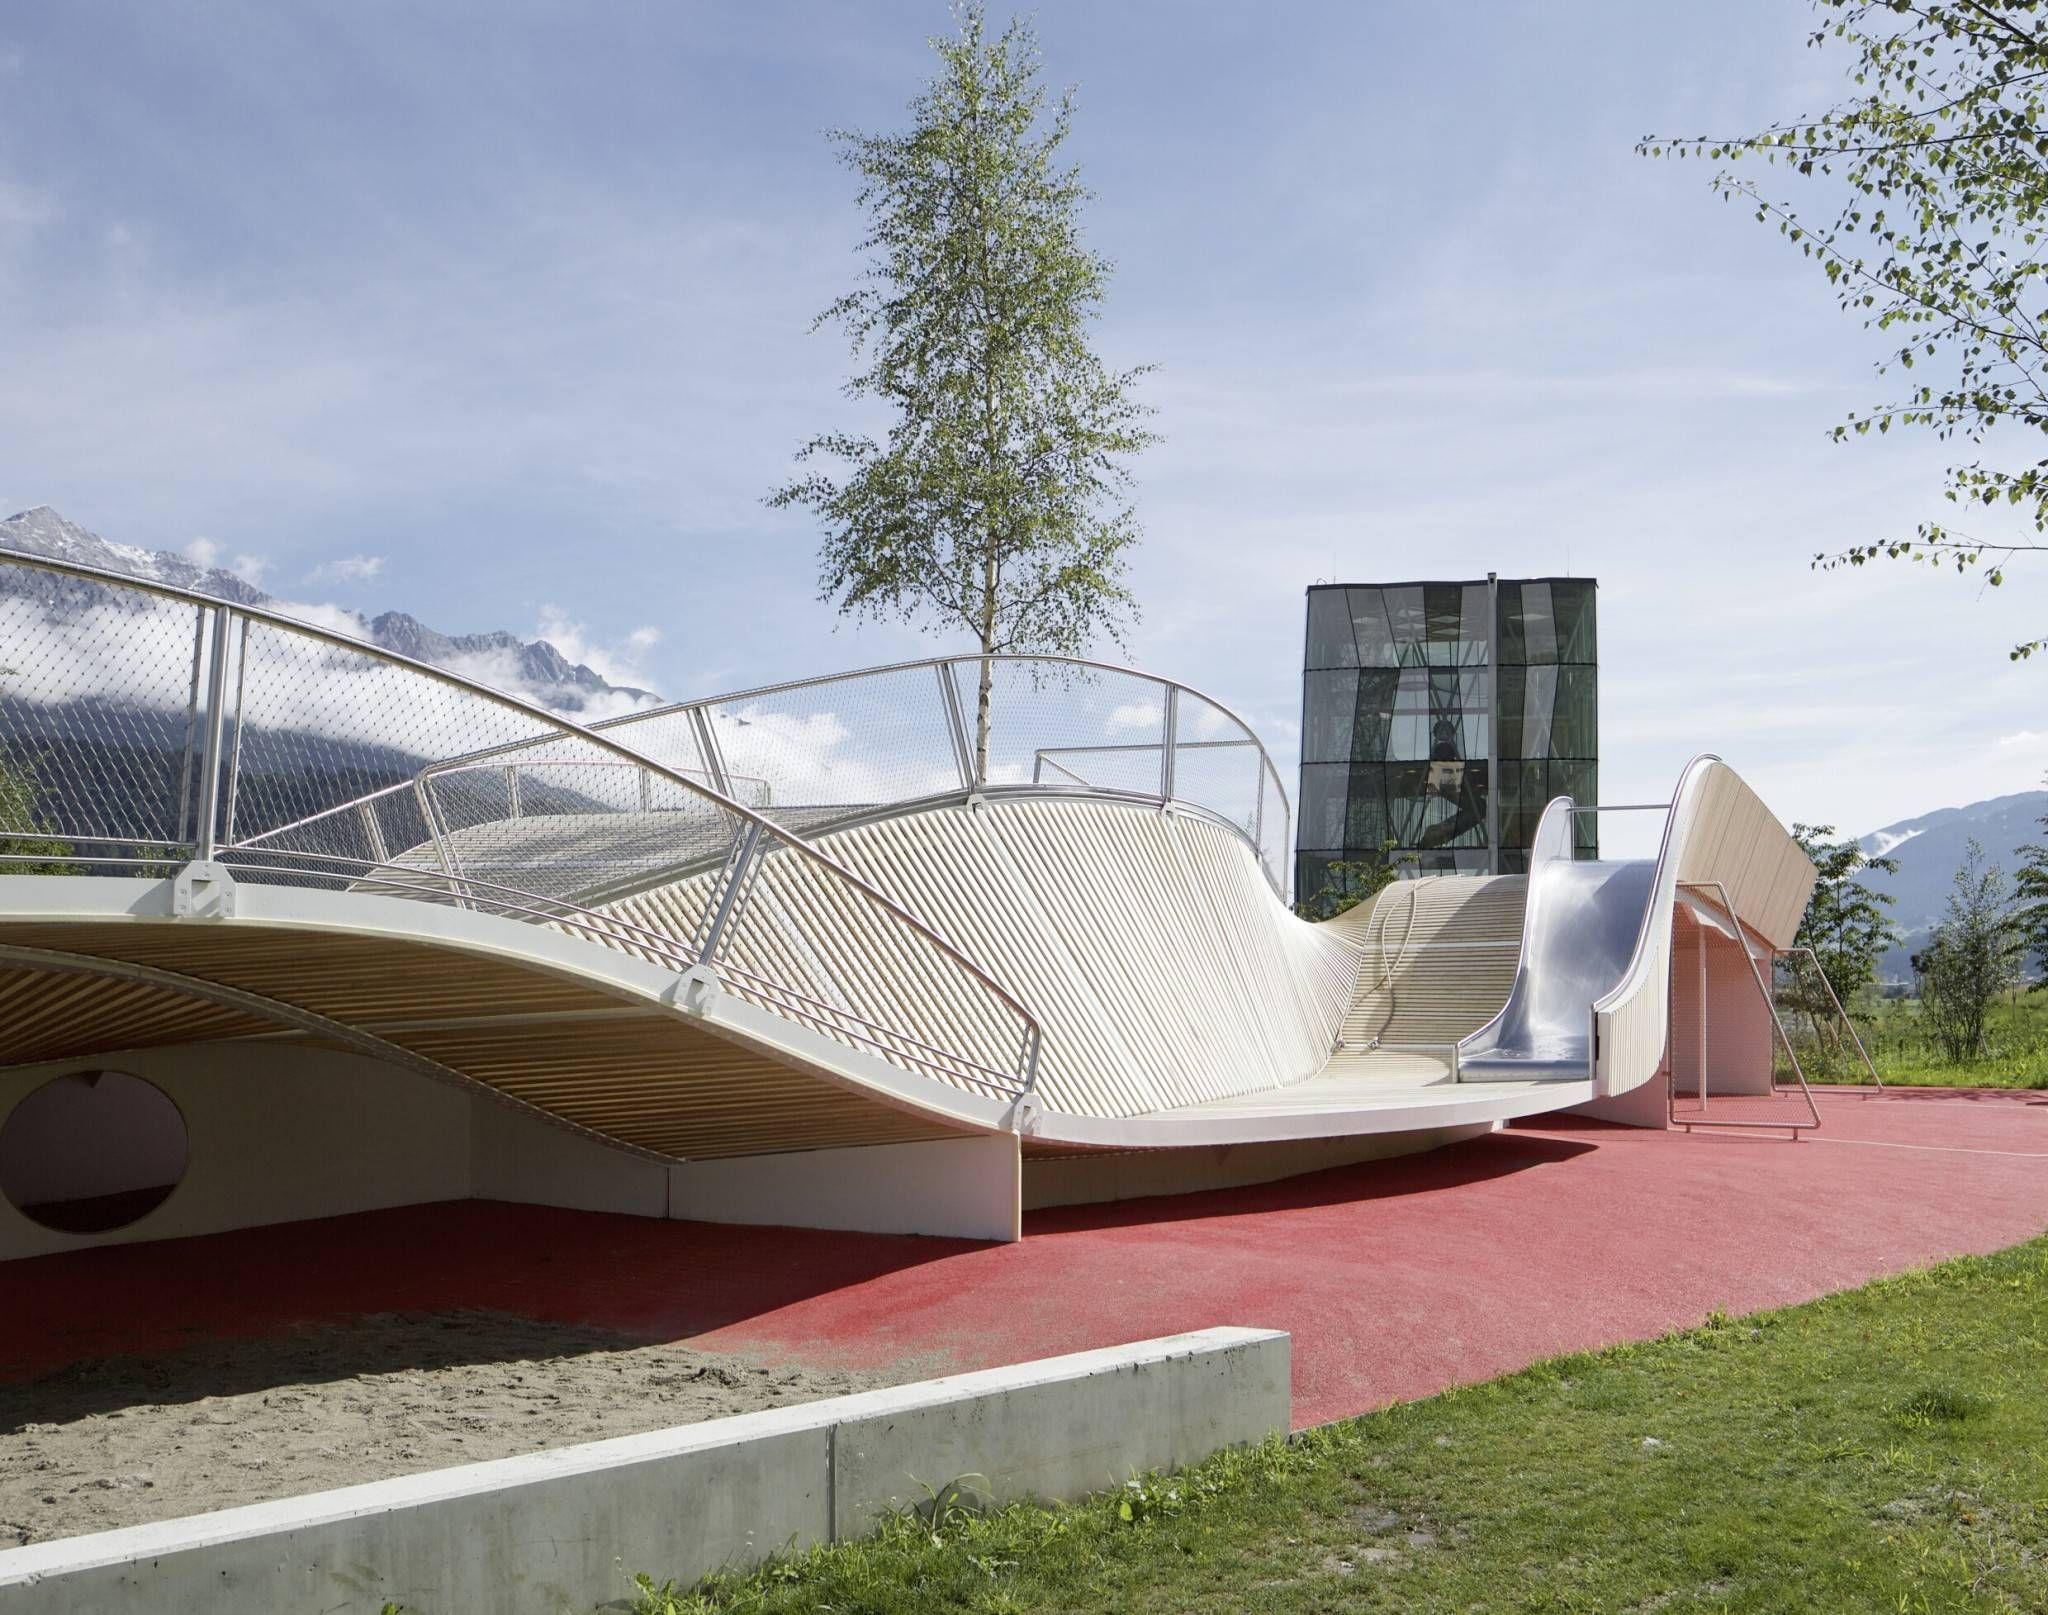 Swarovski Kristallwelten Swarovski Crystal Worlds Wattens Austria Snohetta Architecture Playground Concept Architecture